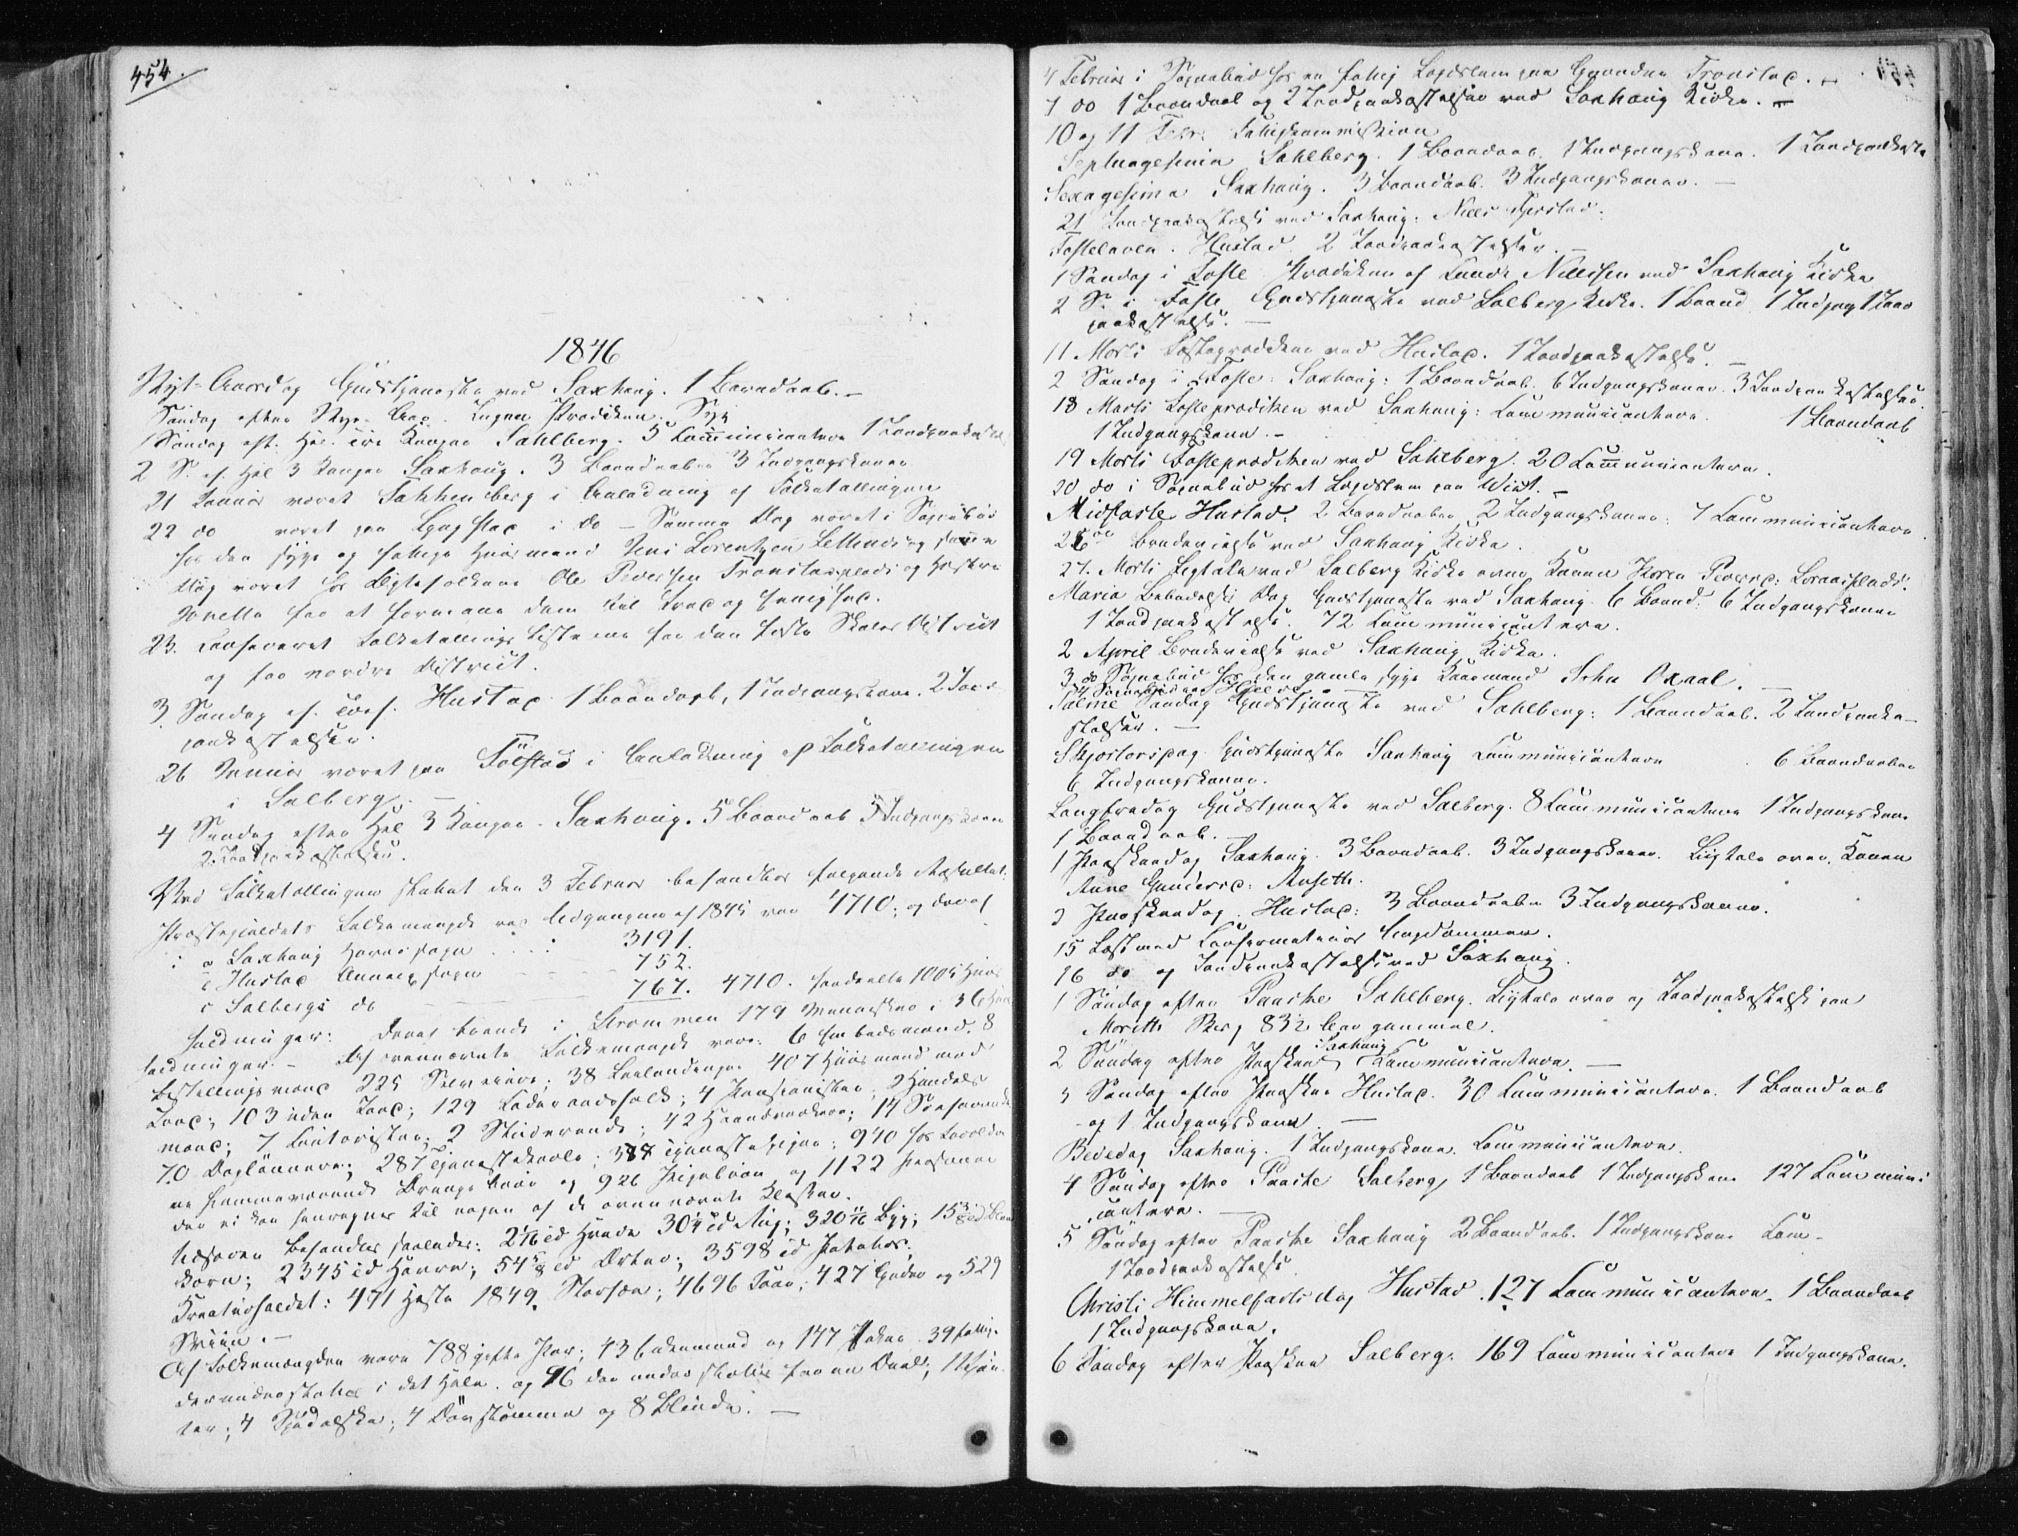 SAT, Ministerialprotokoller, klokkerbøker og fødselsregistre - Nord-Trøndelag, 730/L0280: Ministerialbok nr. 730A07 /1, 1840-1854, s. 454